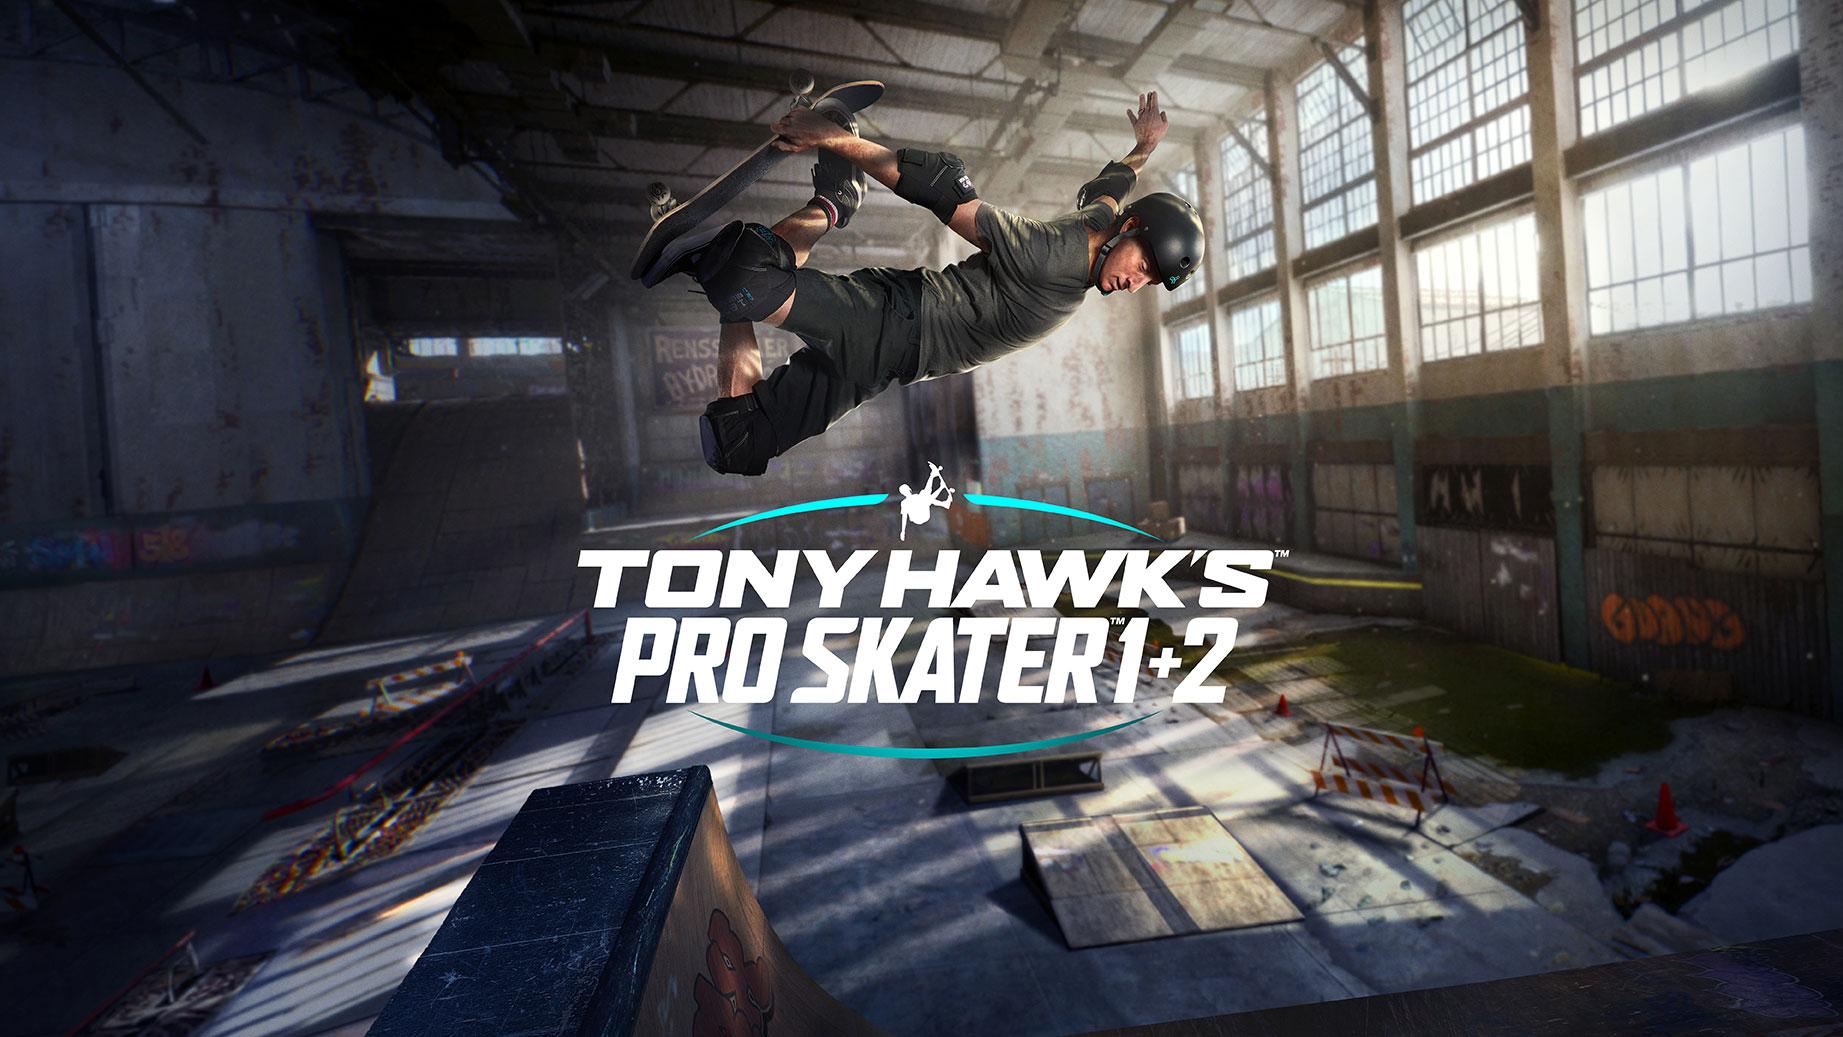 Momento nostalgia: Tony Hawk's Pro Skater está de volta!